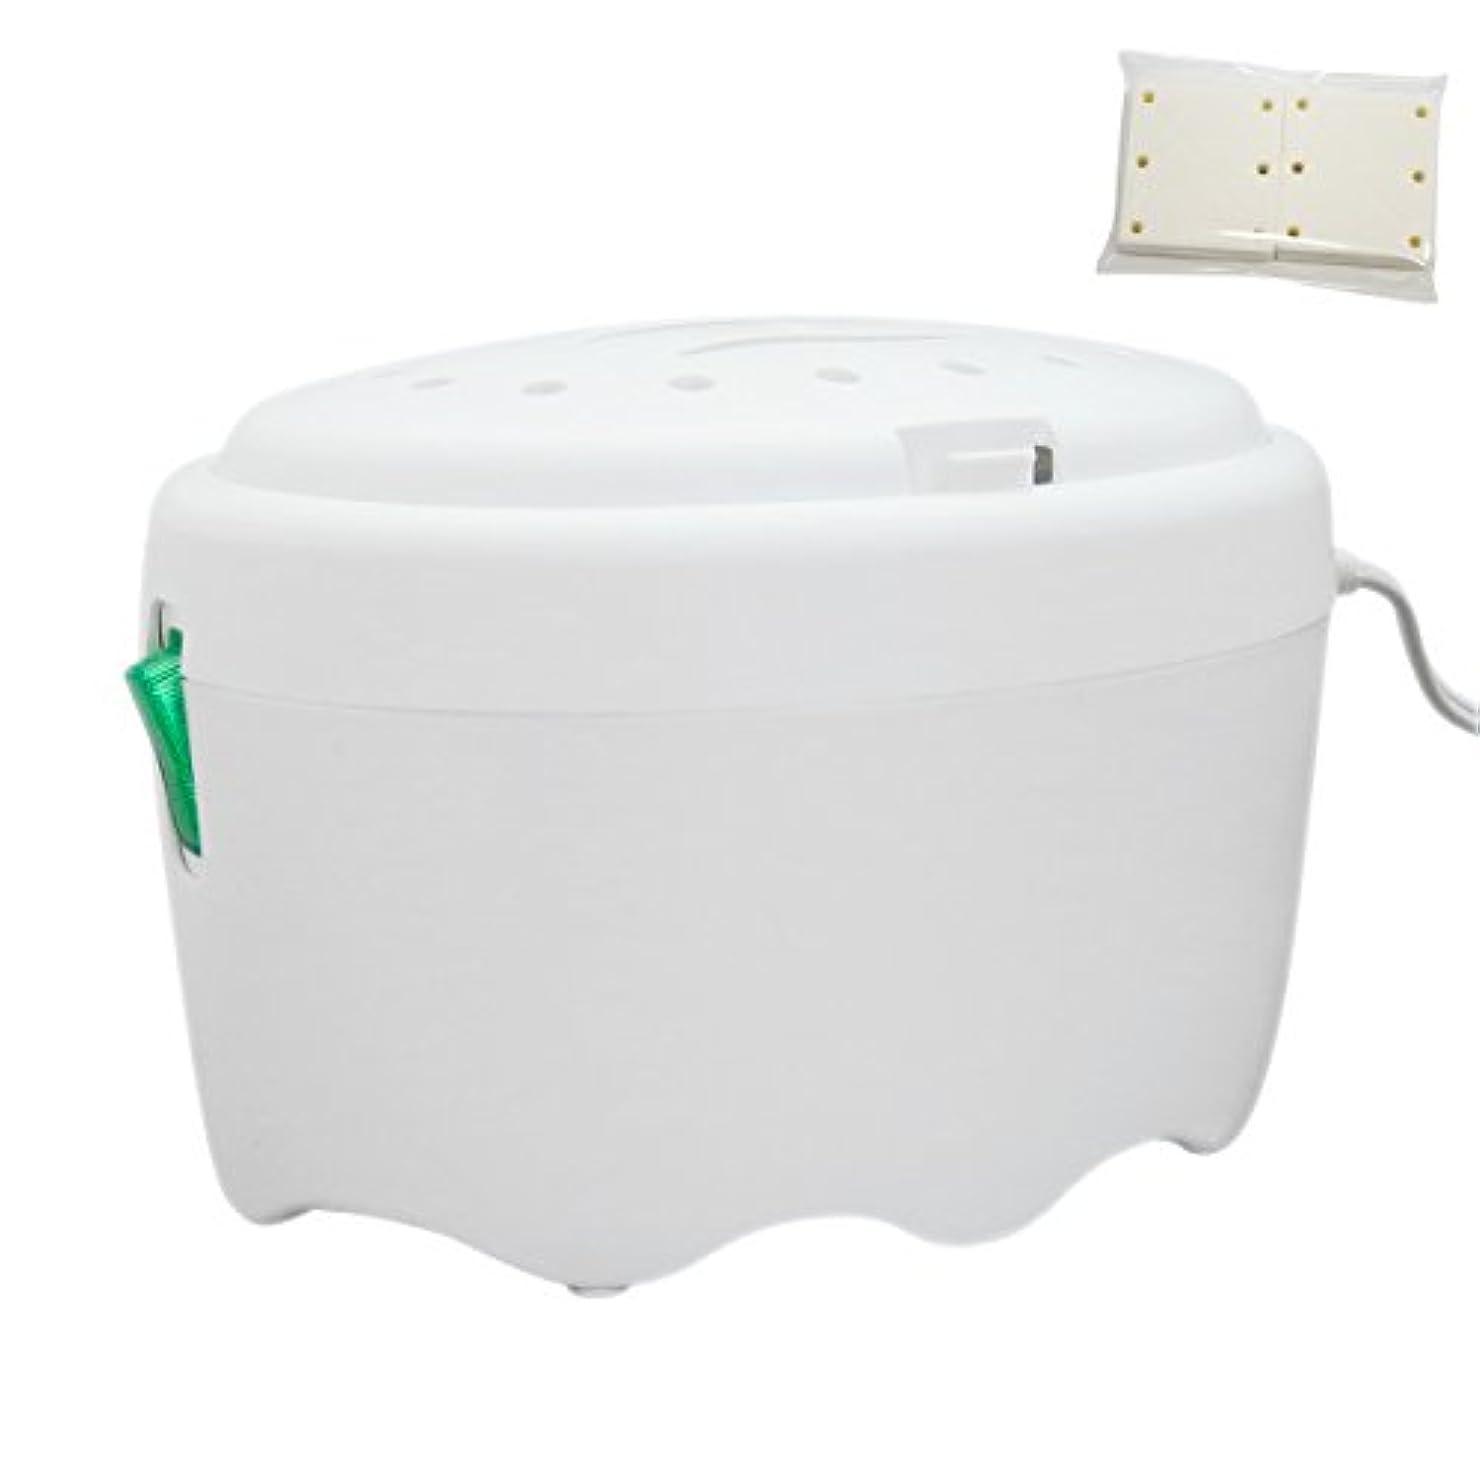 市民スリットイースターアロマブリーズ フレンズ ホワイト ファン式電源コードタイプ芳香器